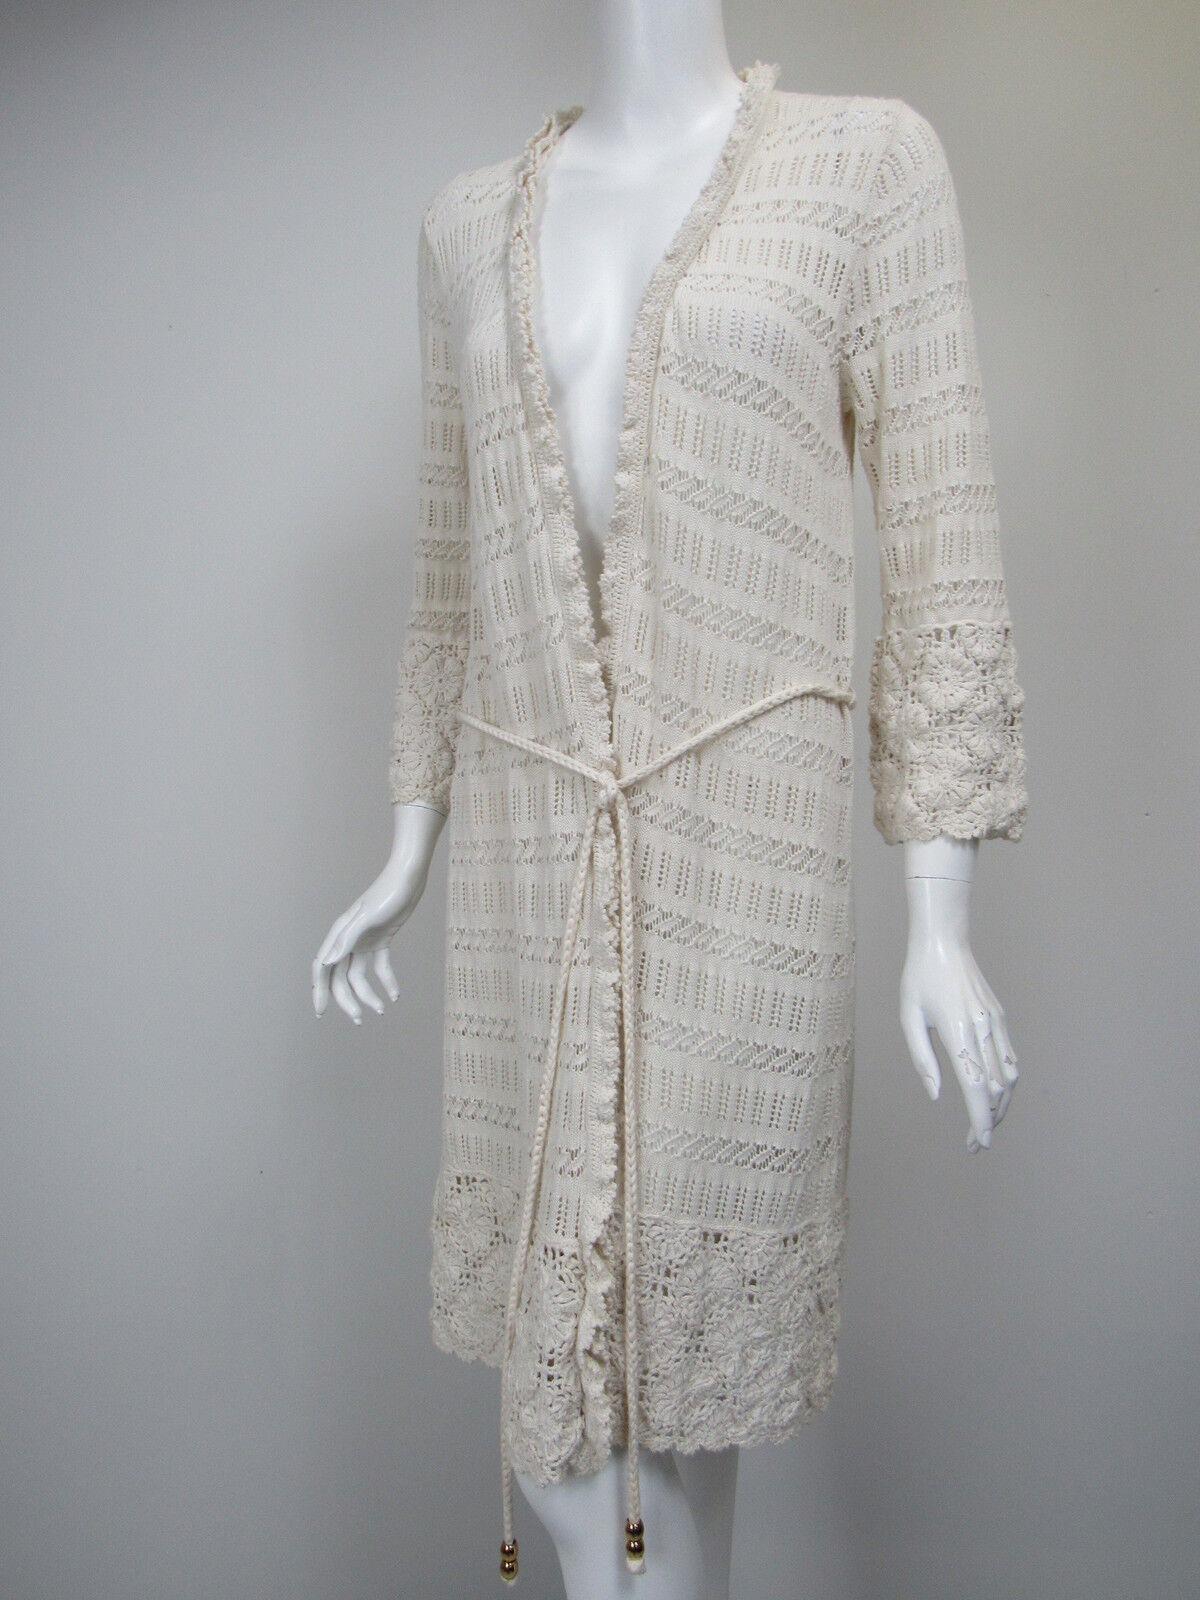 MILLY Ivory Cotton Crochet Knit Braided Tie Belt Duster Sweater Coat sz L